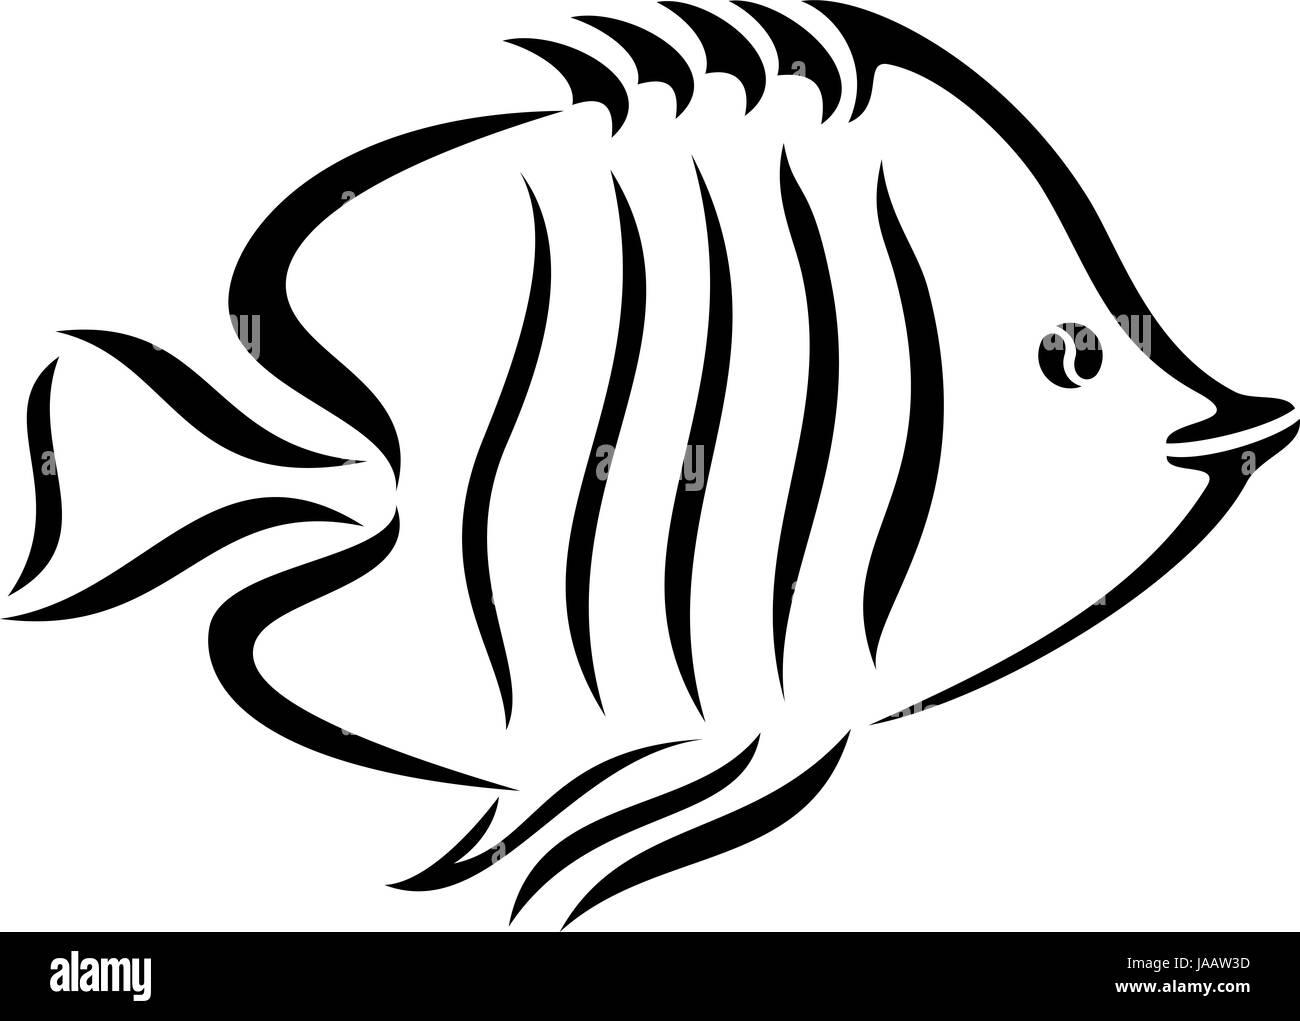 Una Ilustración En Blanco Y Negro De Un Pez Foto Imagen De Stock